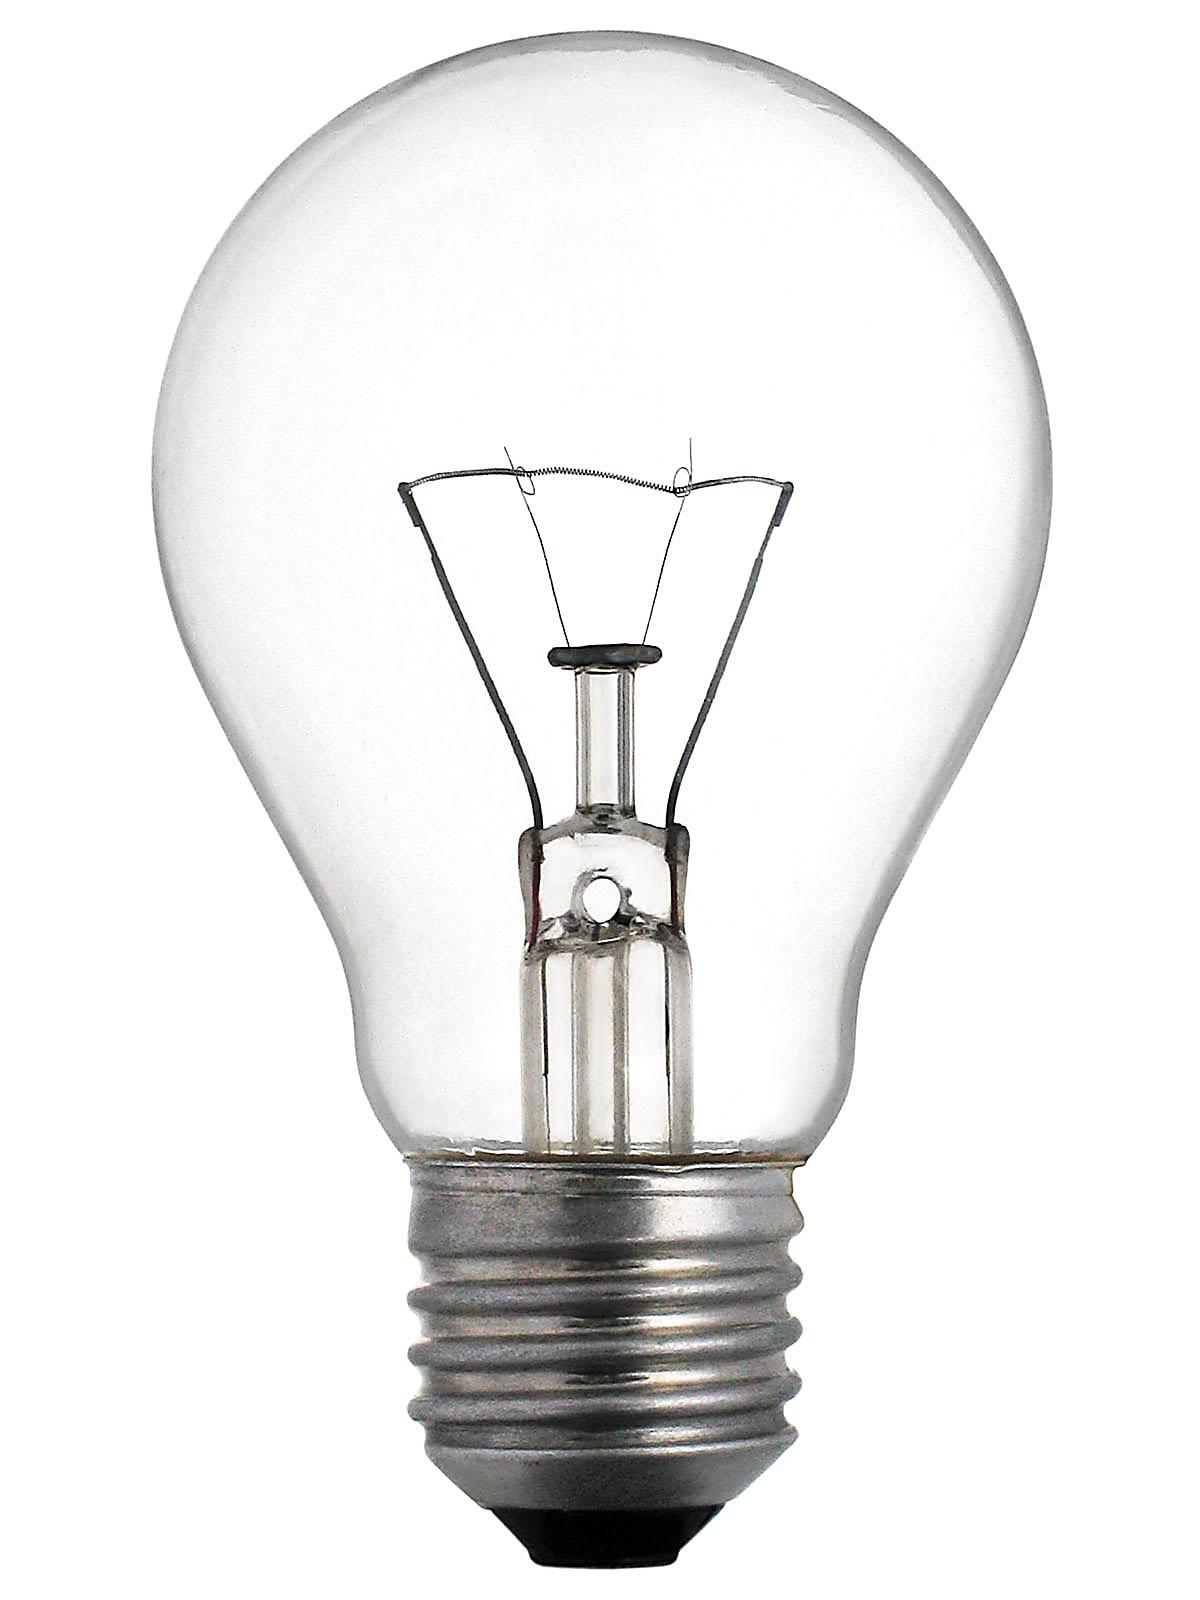 Лампа накаливания (Standart Е-27 / 300W)Лампы накаливания Шарики<br><br>